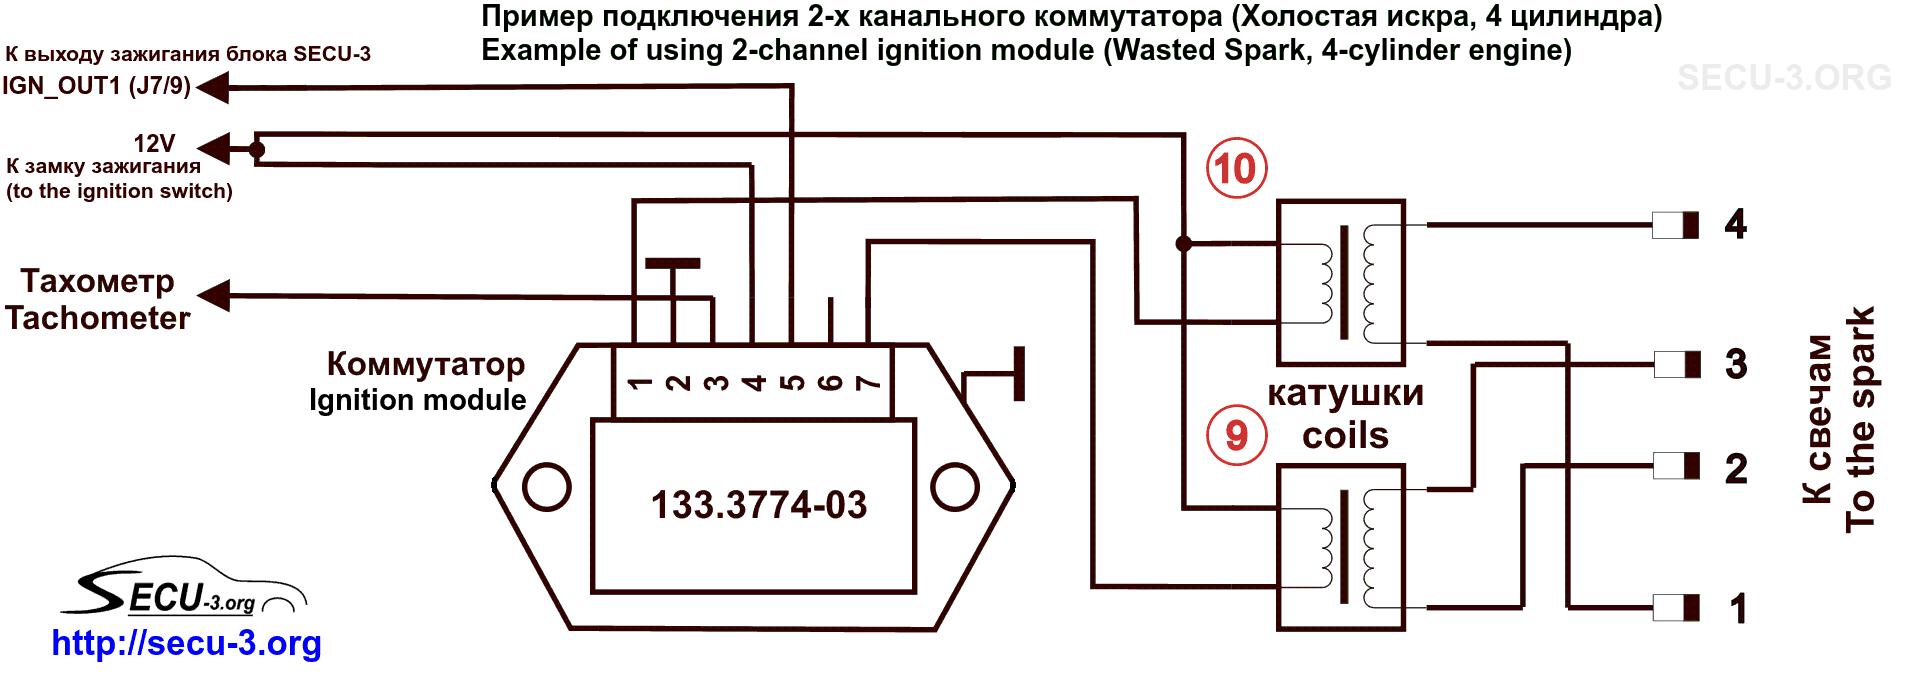 Подключение 2-х канального коммутатора к SECU-3T